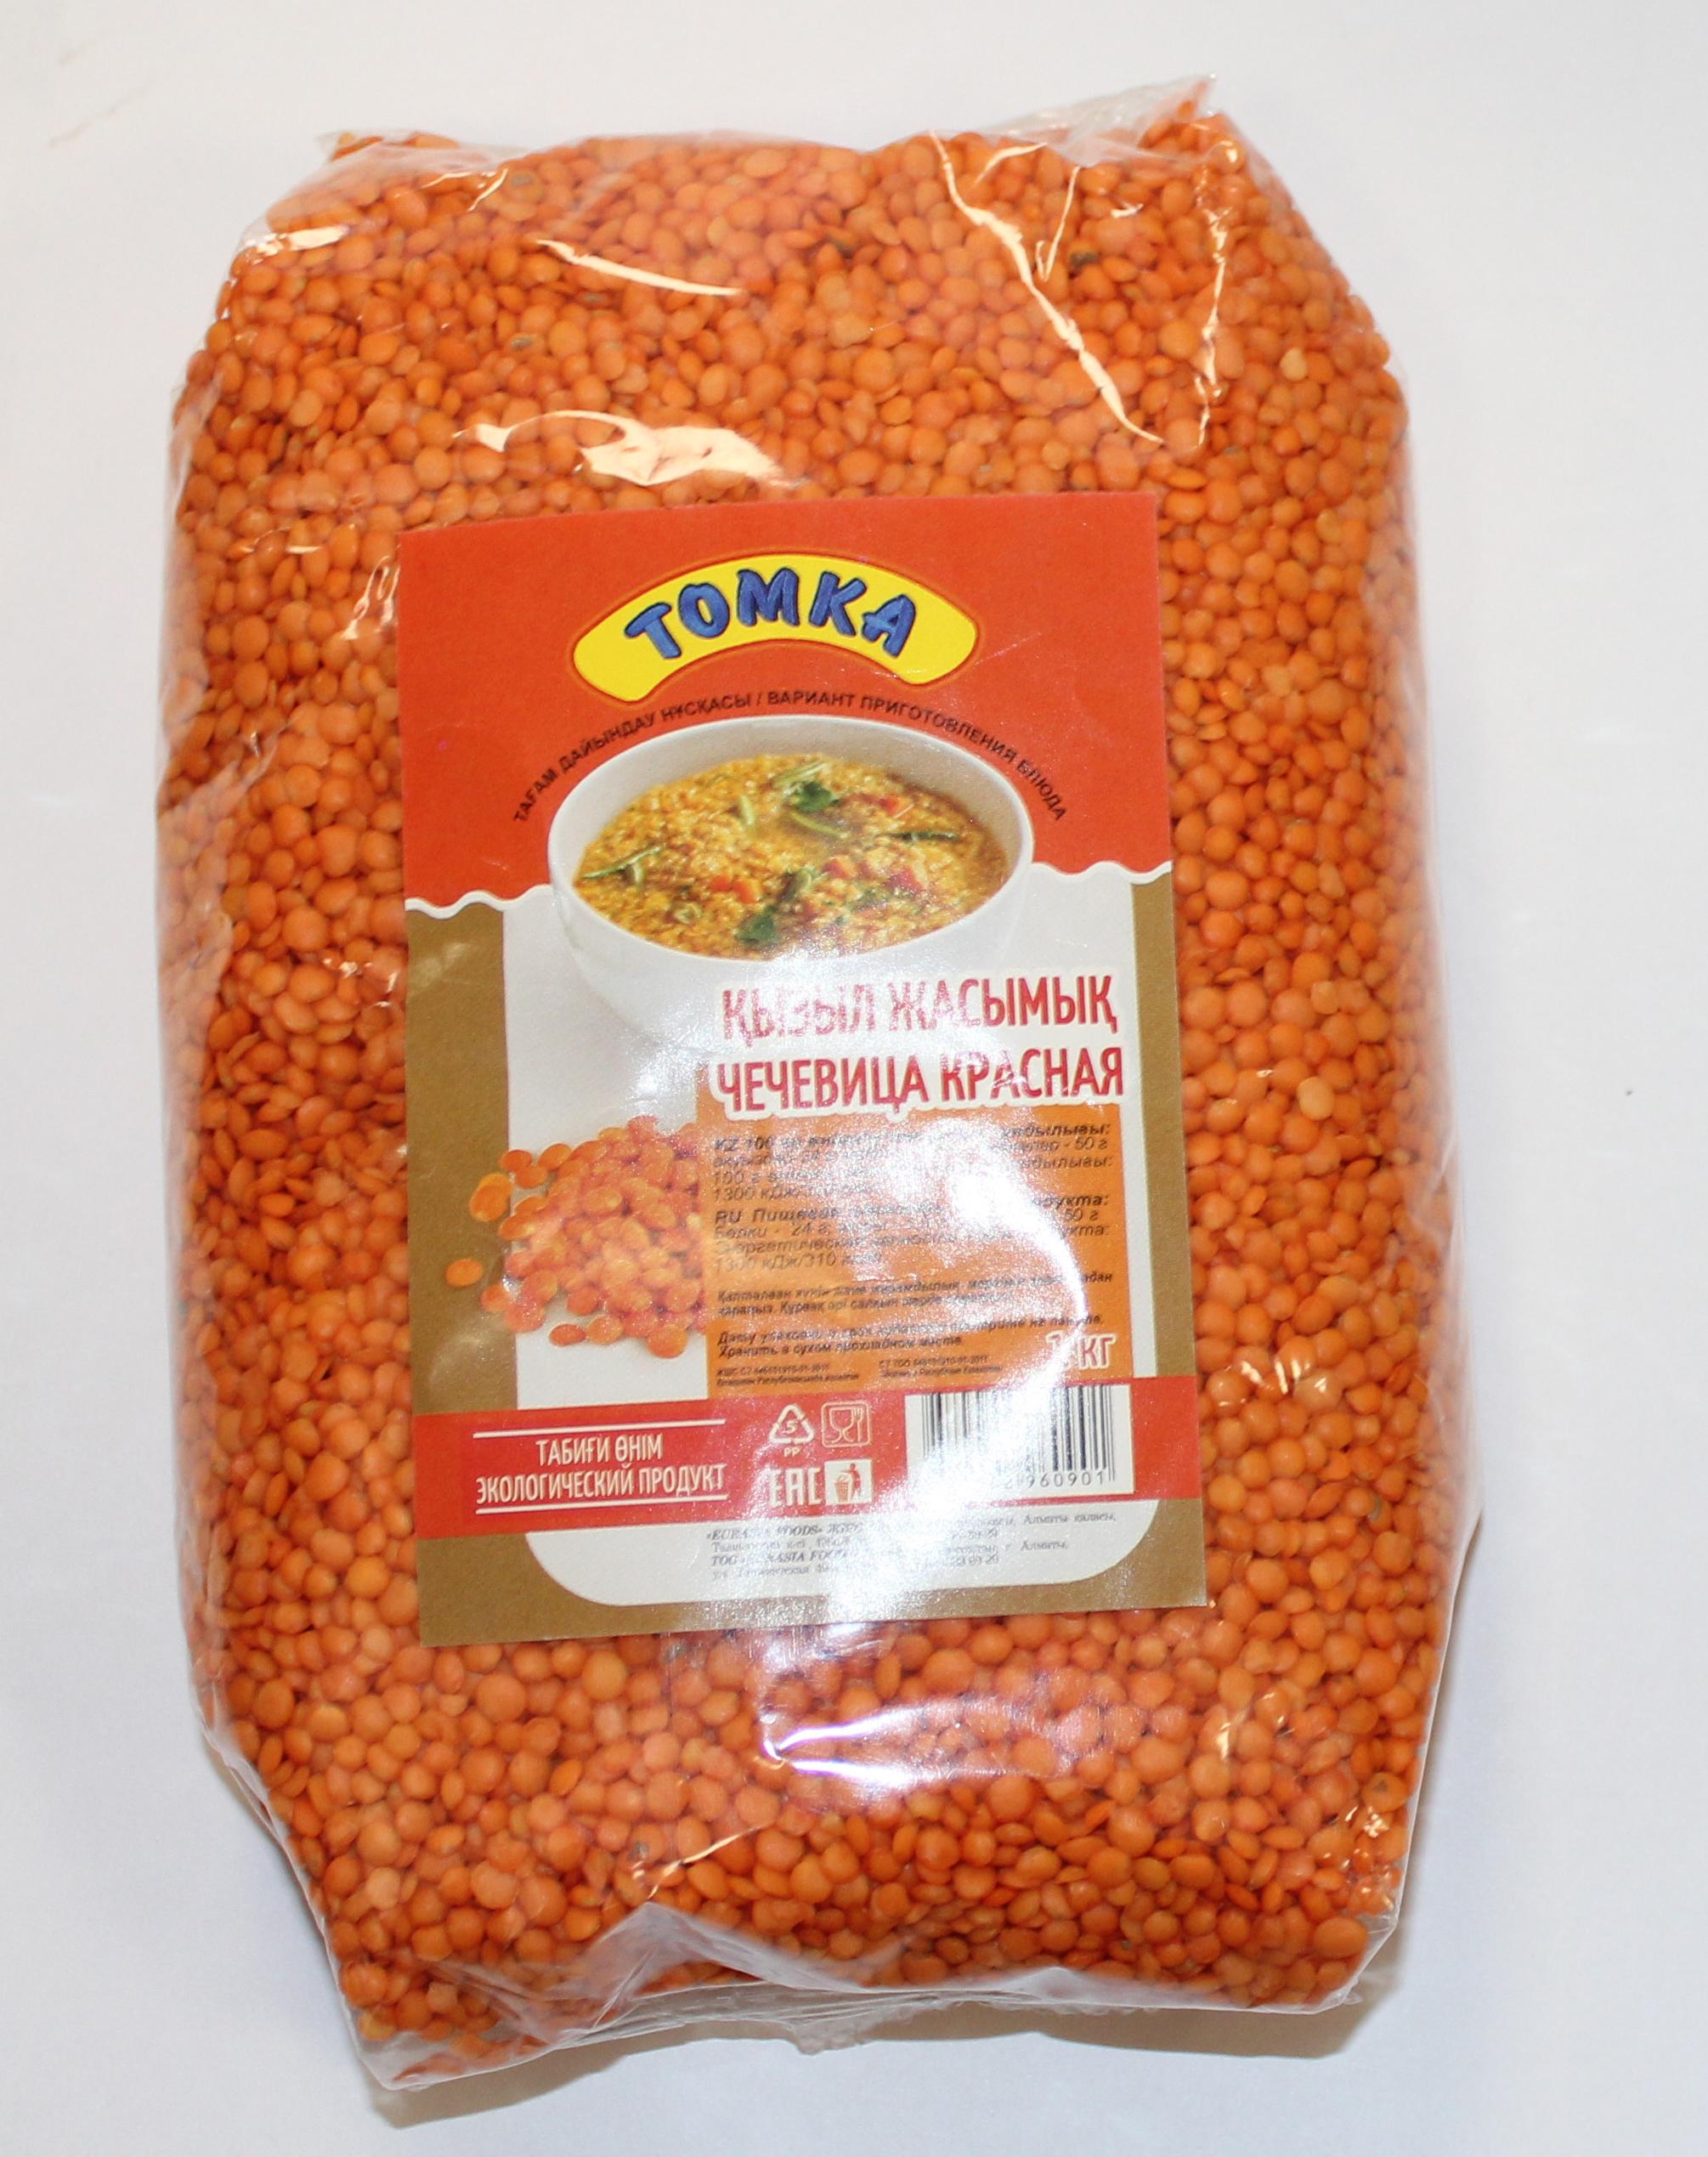 EURASIA FOODS - ЧЕЧЕВИЦА КРАСНАЯ 700гр 4870002960819